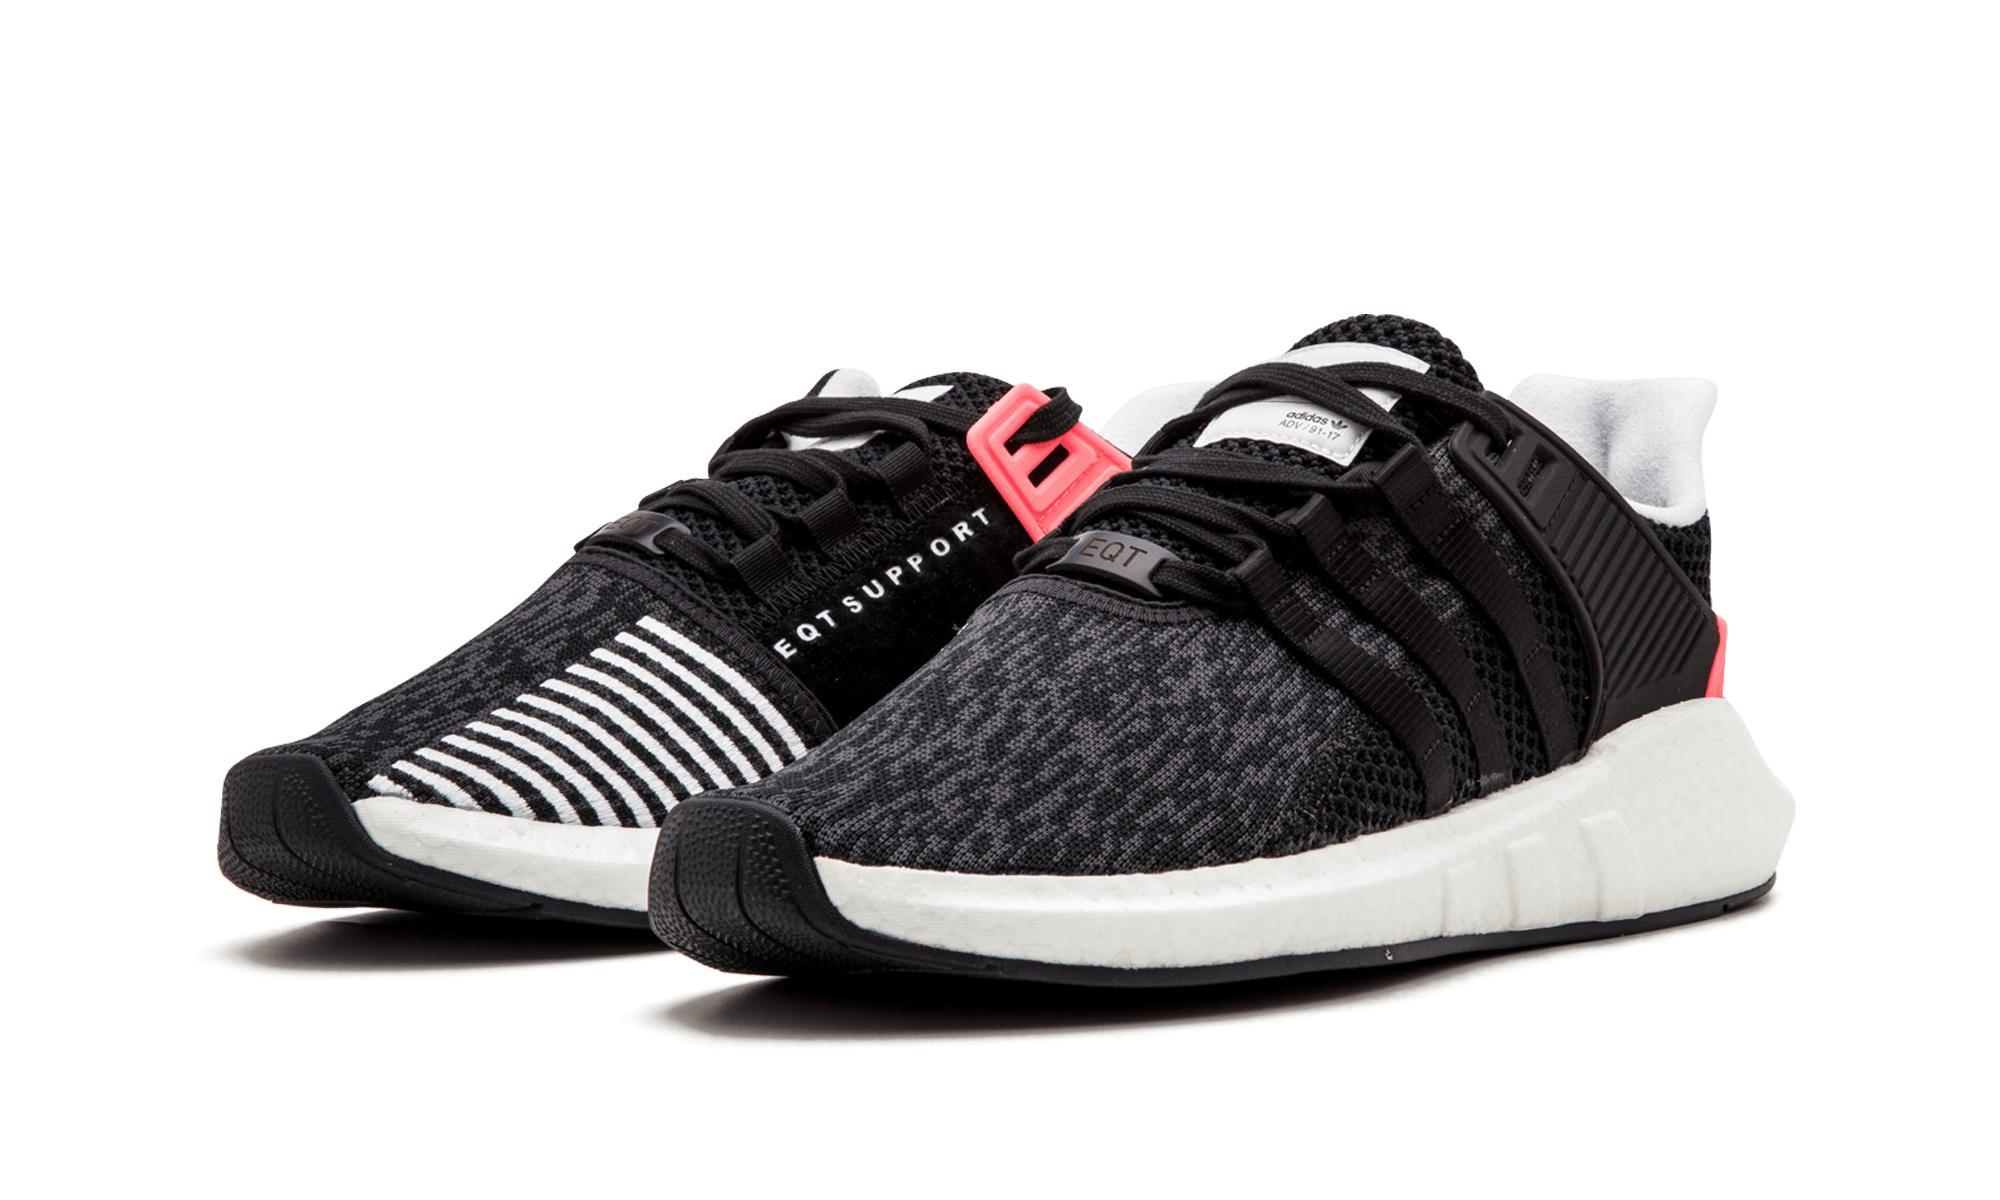 huge discount 3095f e44c6 Adidas - Black Eqt Support 93 17 for Men - Lyst. View fullscreen